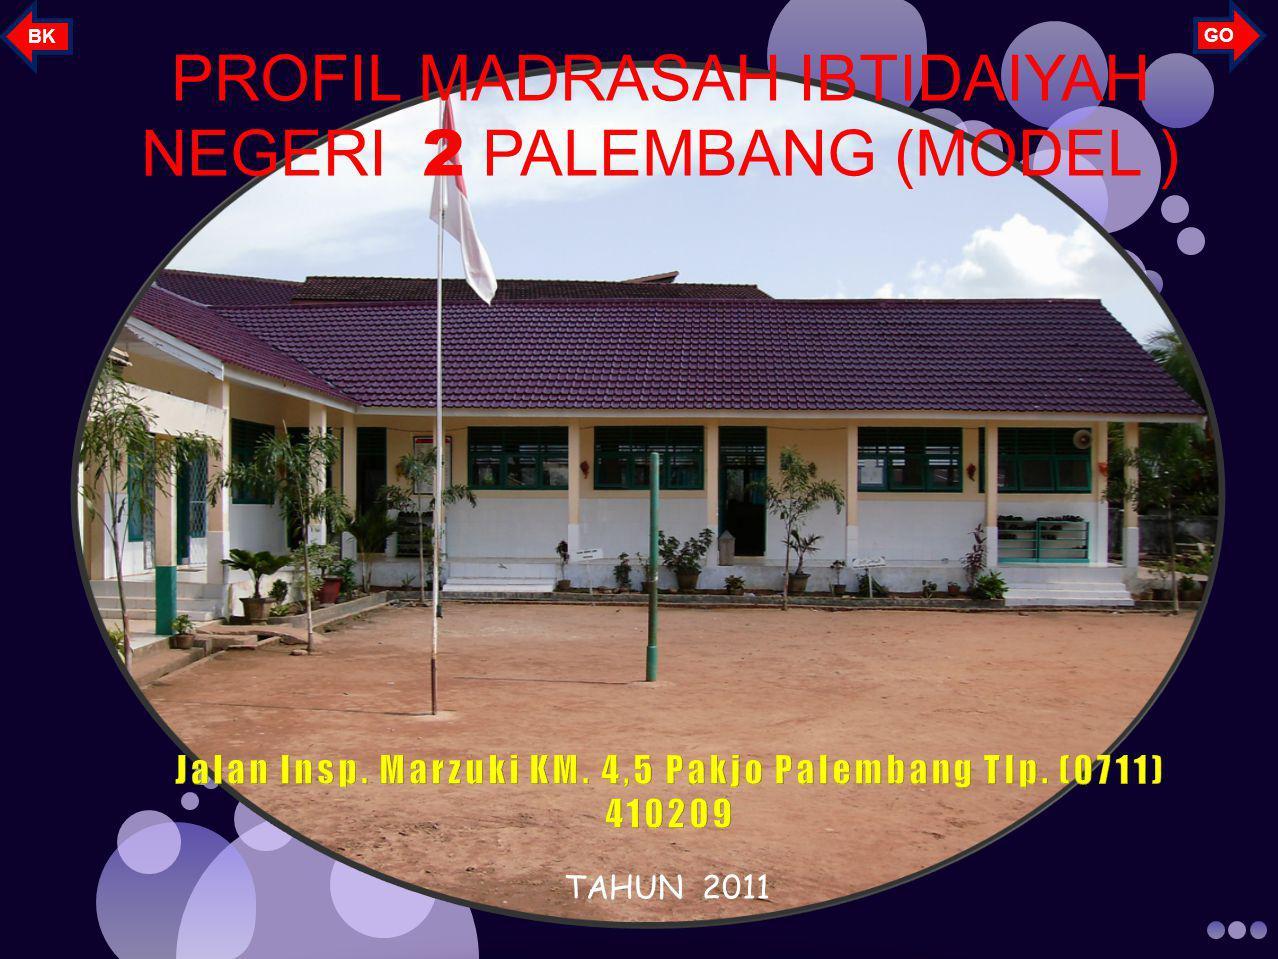 PROFIL MADRASAH IBTIDAIYAH NEGERI 2 PALEMBANG (MODEL ) TAHUN 2011 GO BK